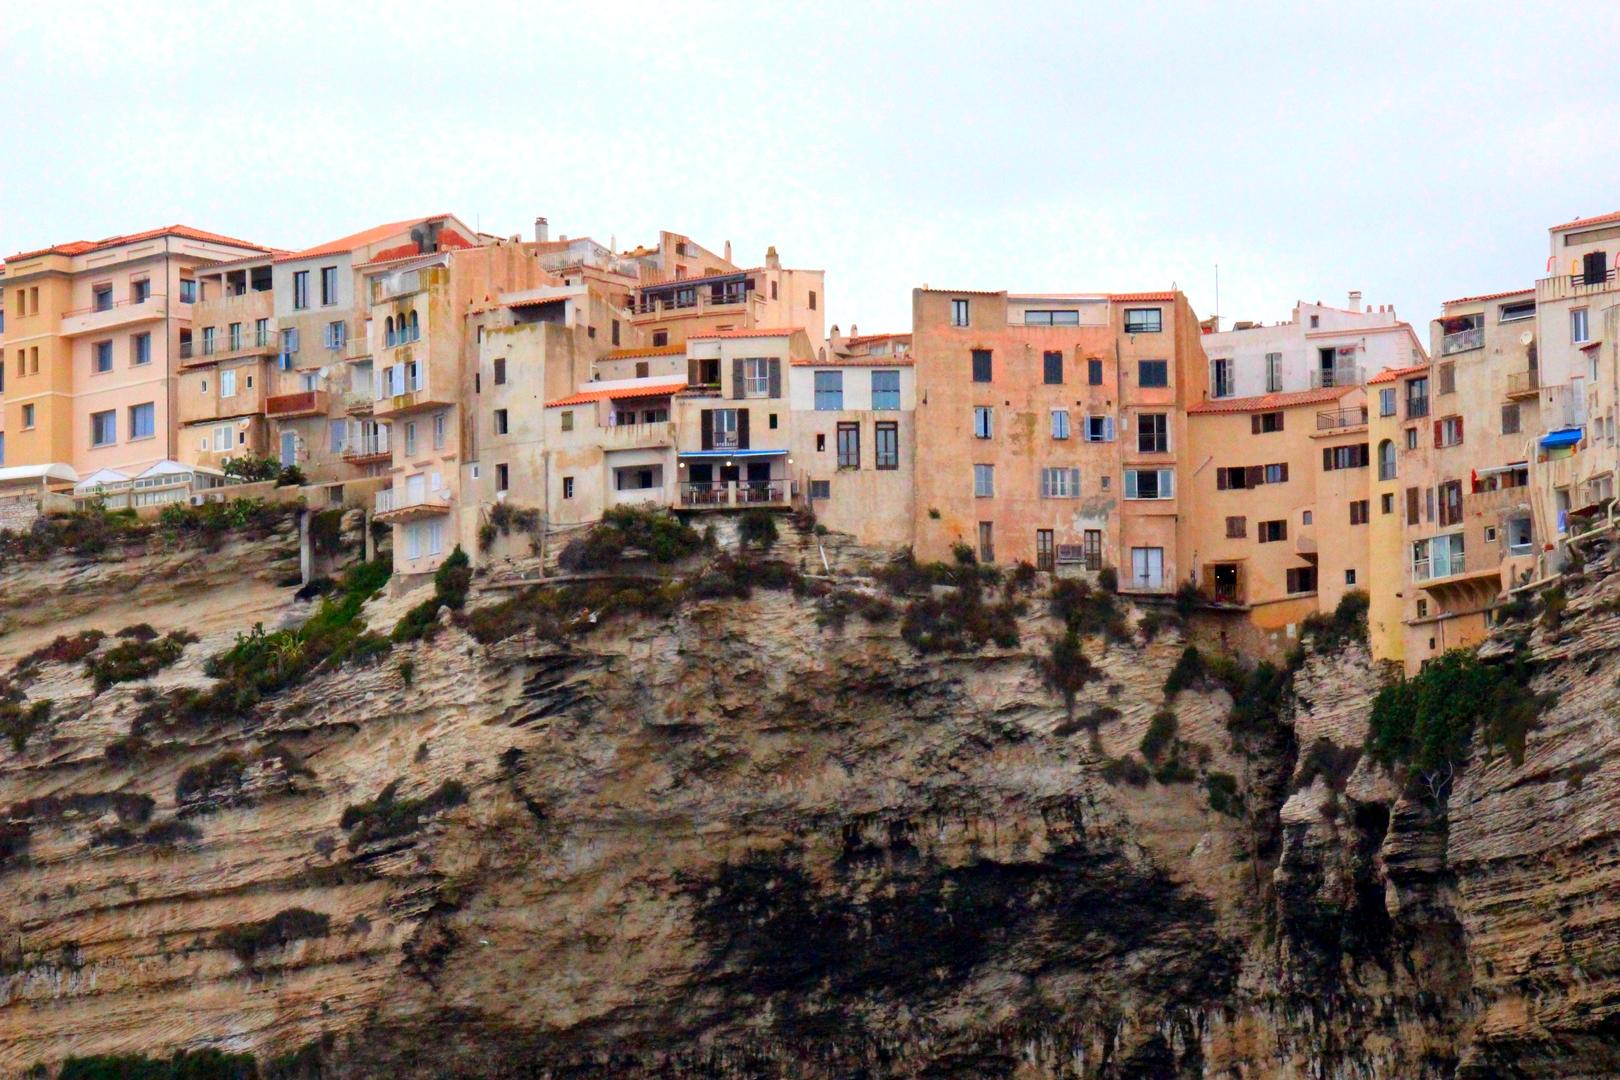 Corse - La ville de Bonifacio, accrochée à la falaise